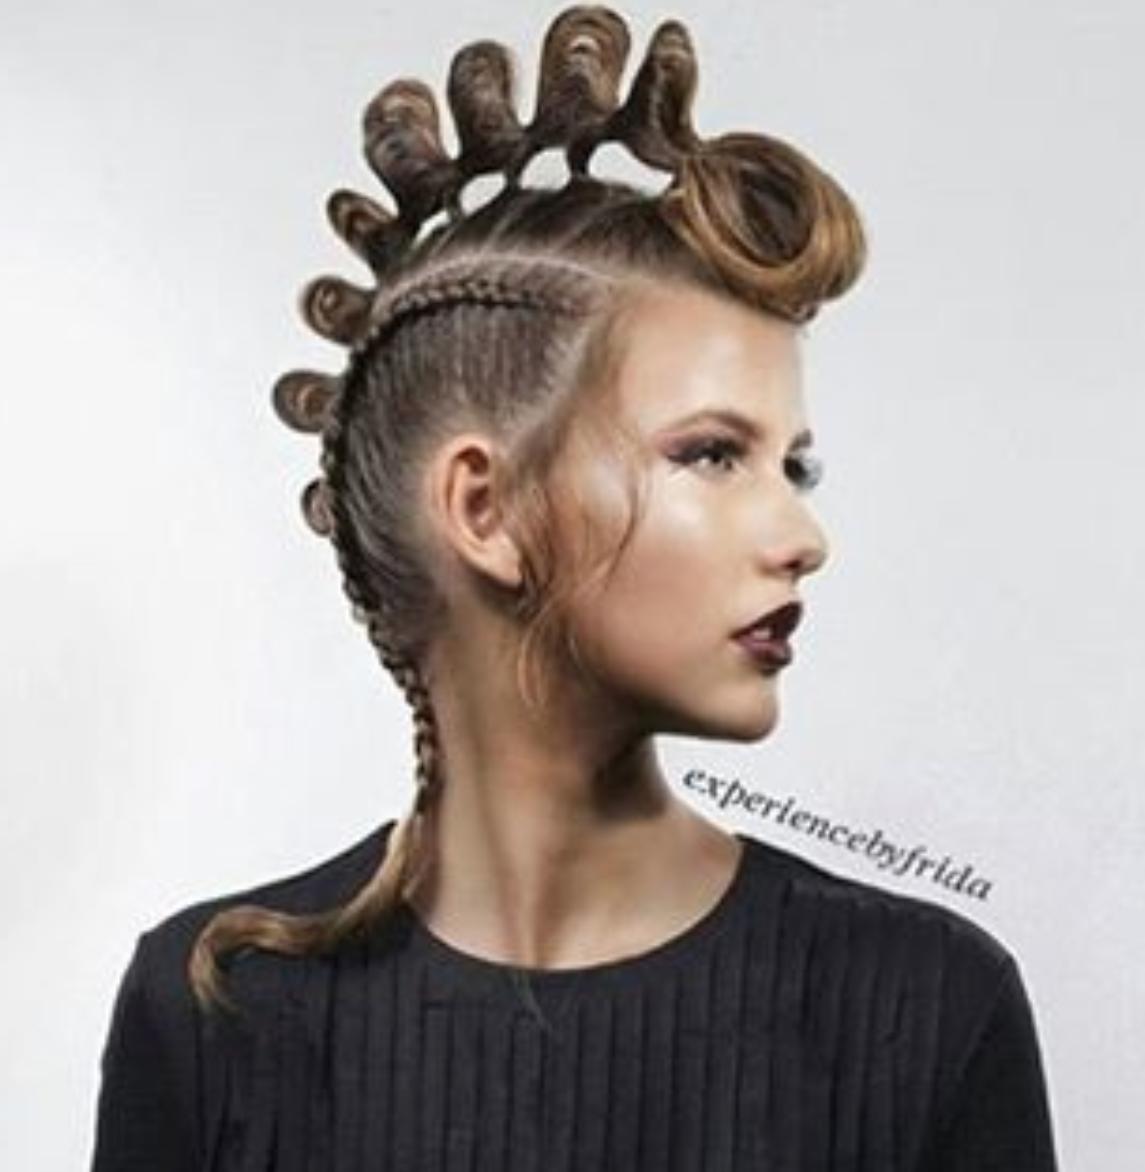 Visita Il Nostro Sito Templedusavoir Org Catwalk Hair Editorial Hair Artistic Hair